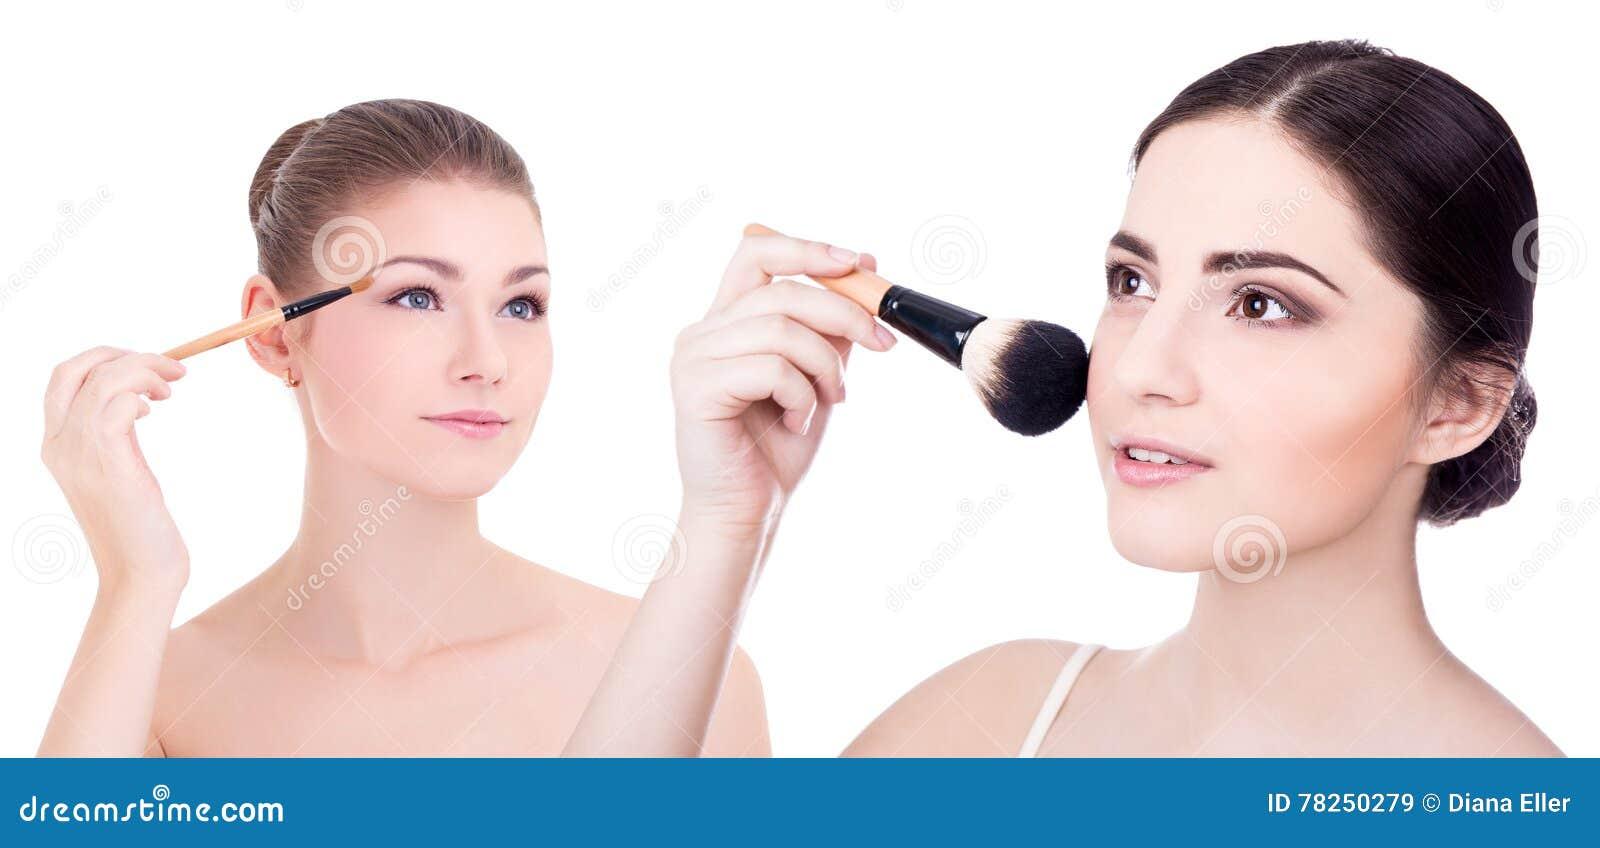 Έννοια ομορφιάς - κλείστε επάνω τα πορτρέτα του νέου όμορφου πνεύματος γυναικών